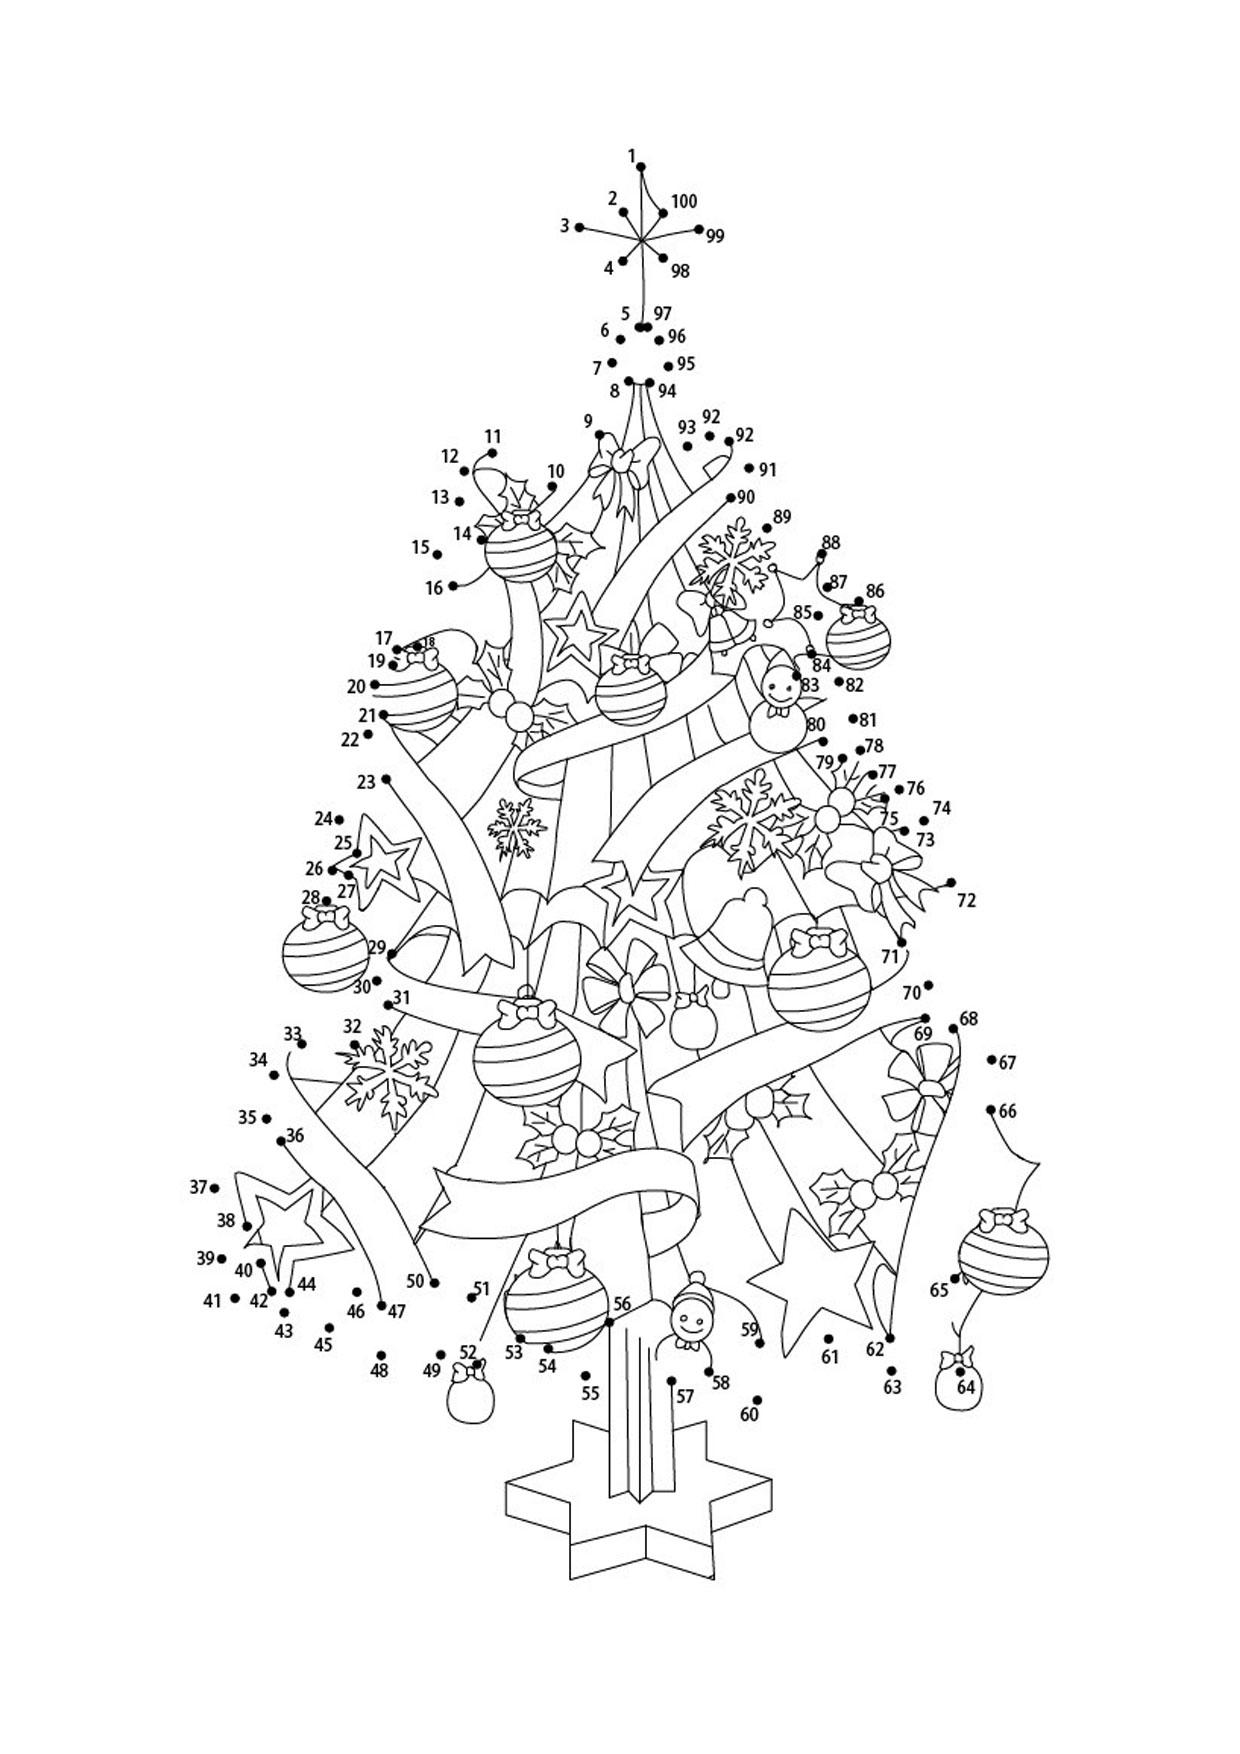 Unisci i puntini albero di Natale 1-100